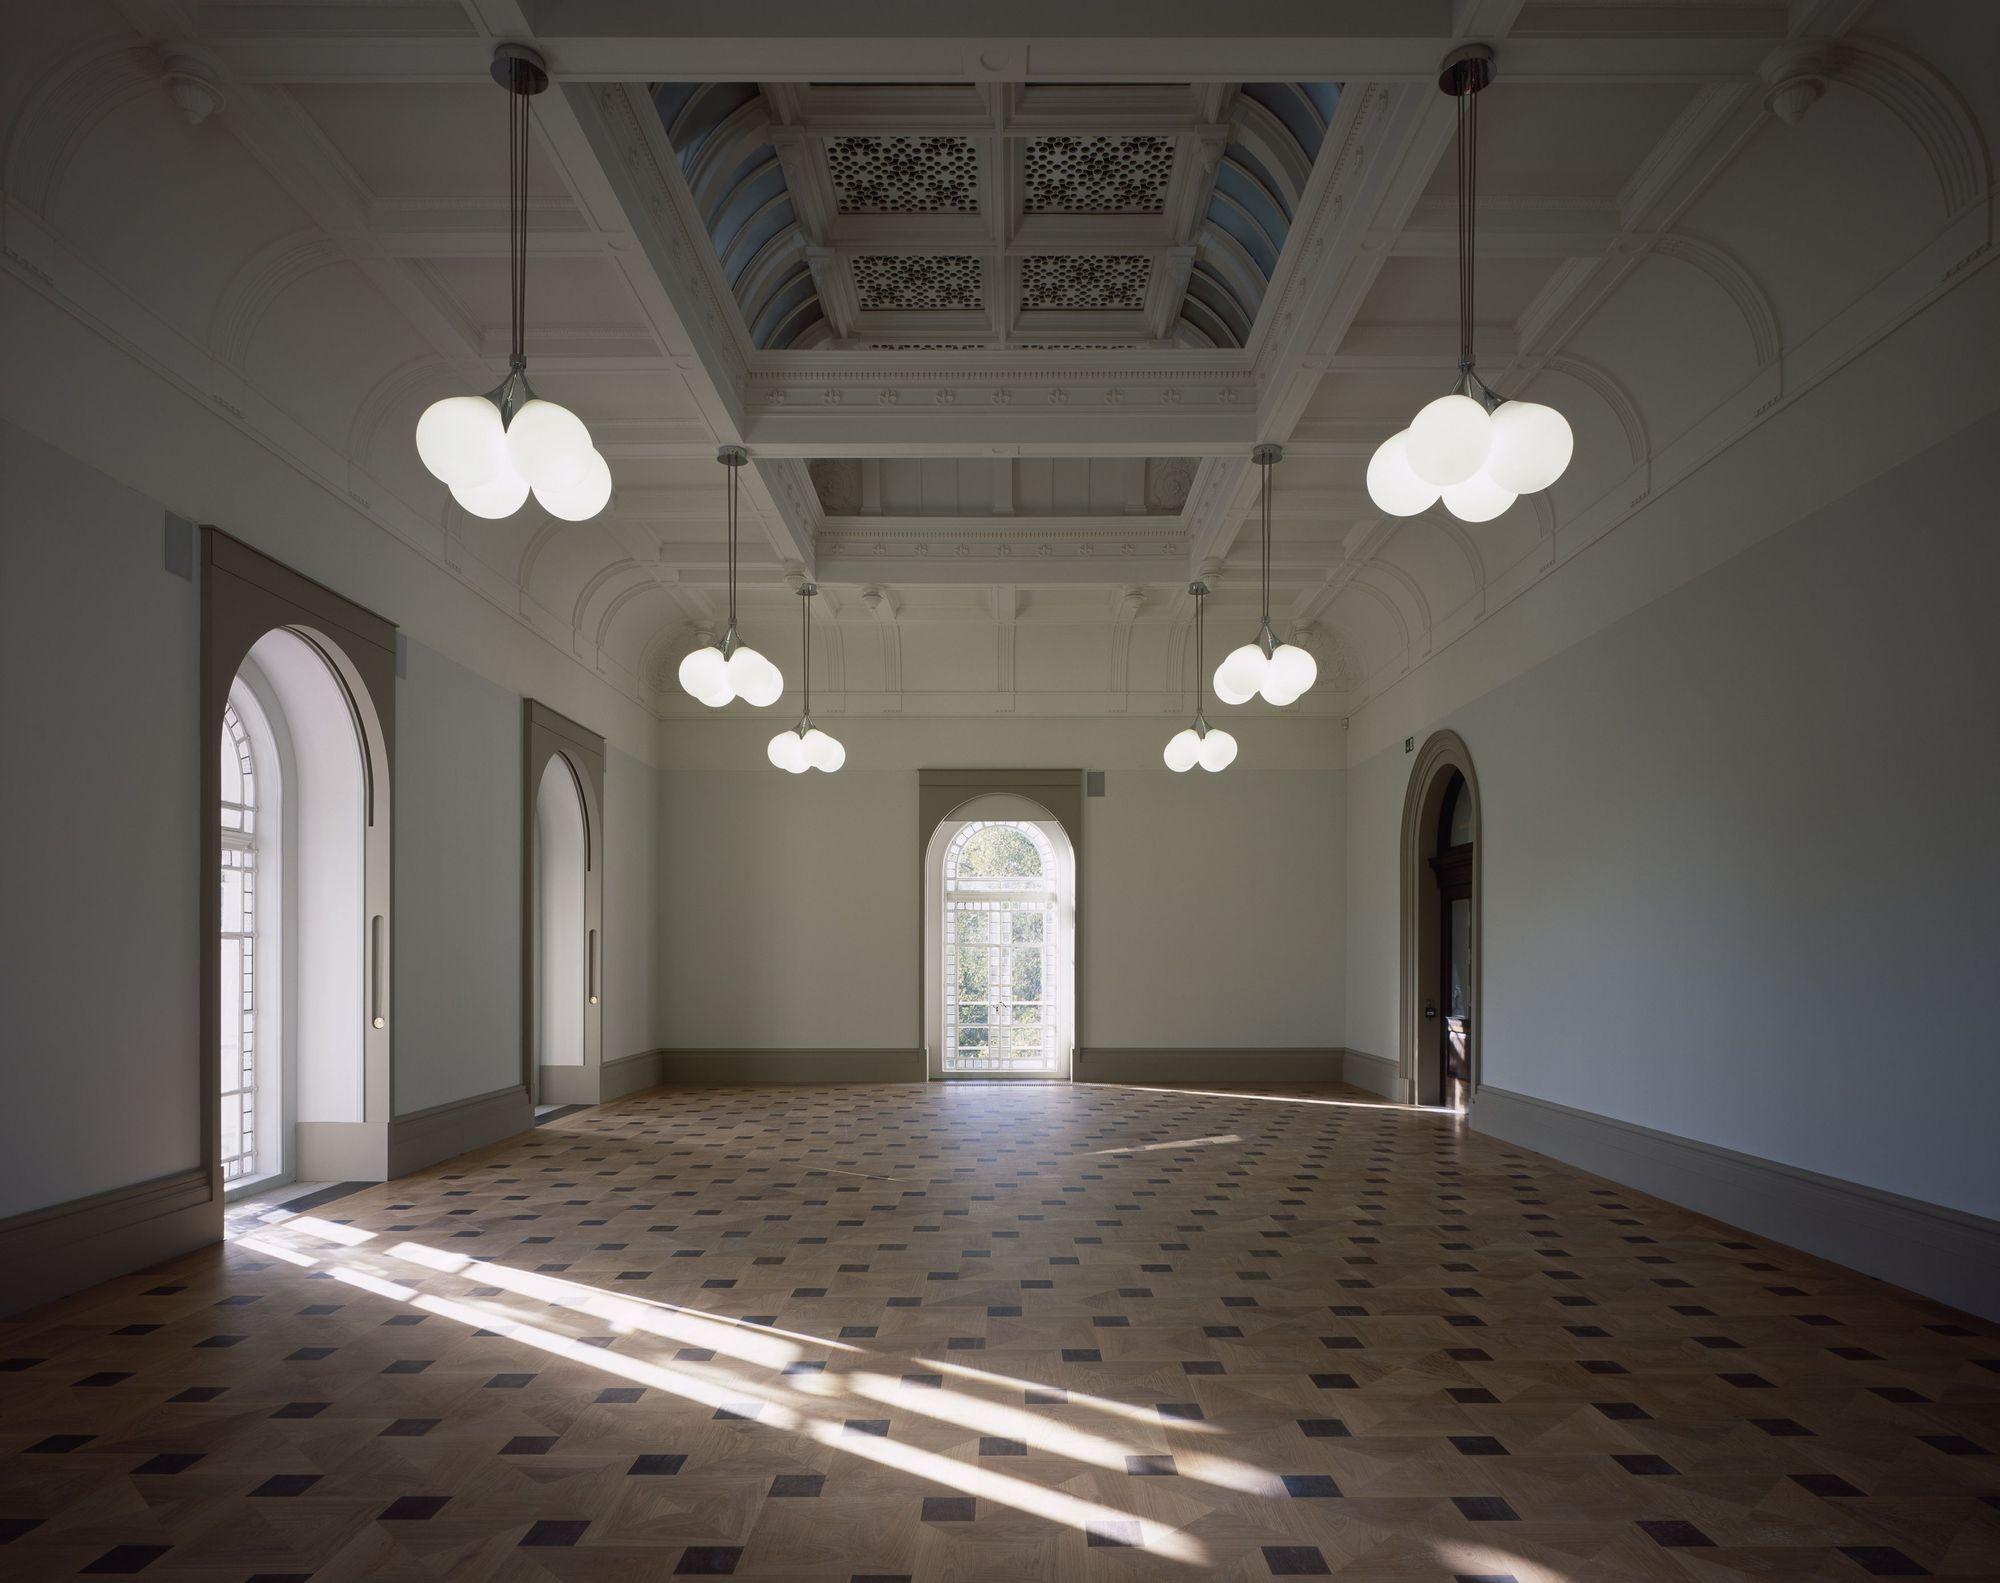 Hic arquitectura » caruso st john u003e tate britain millbank renovation